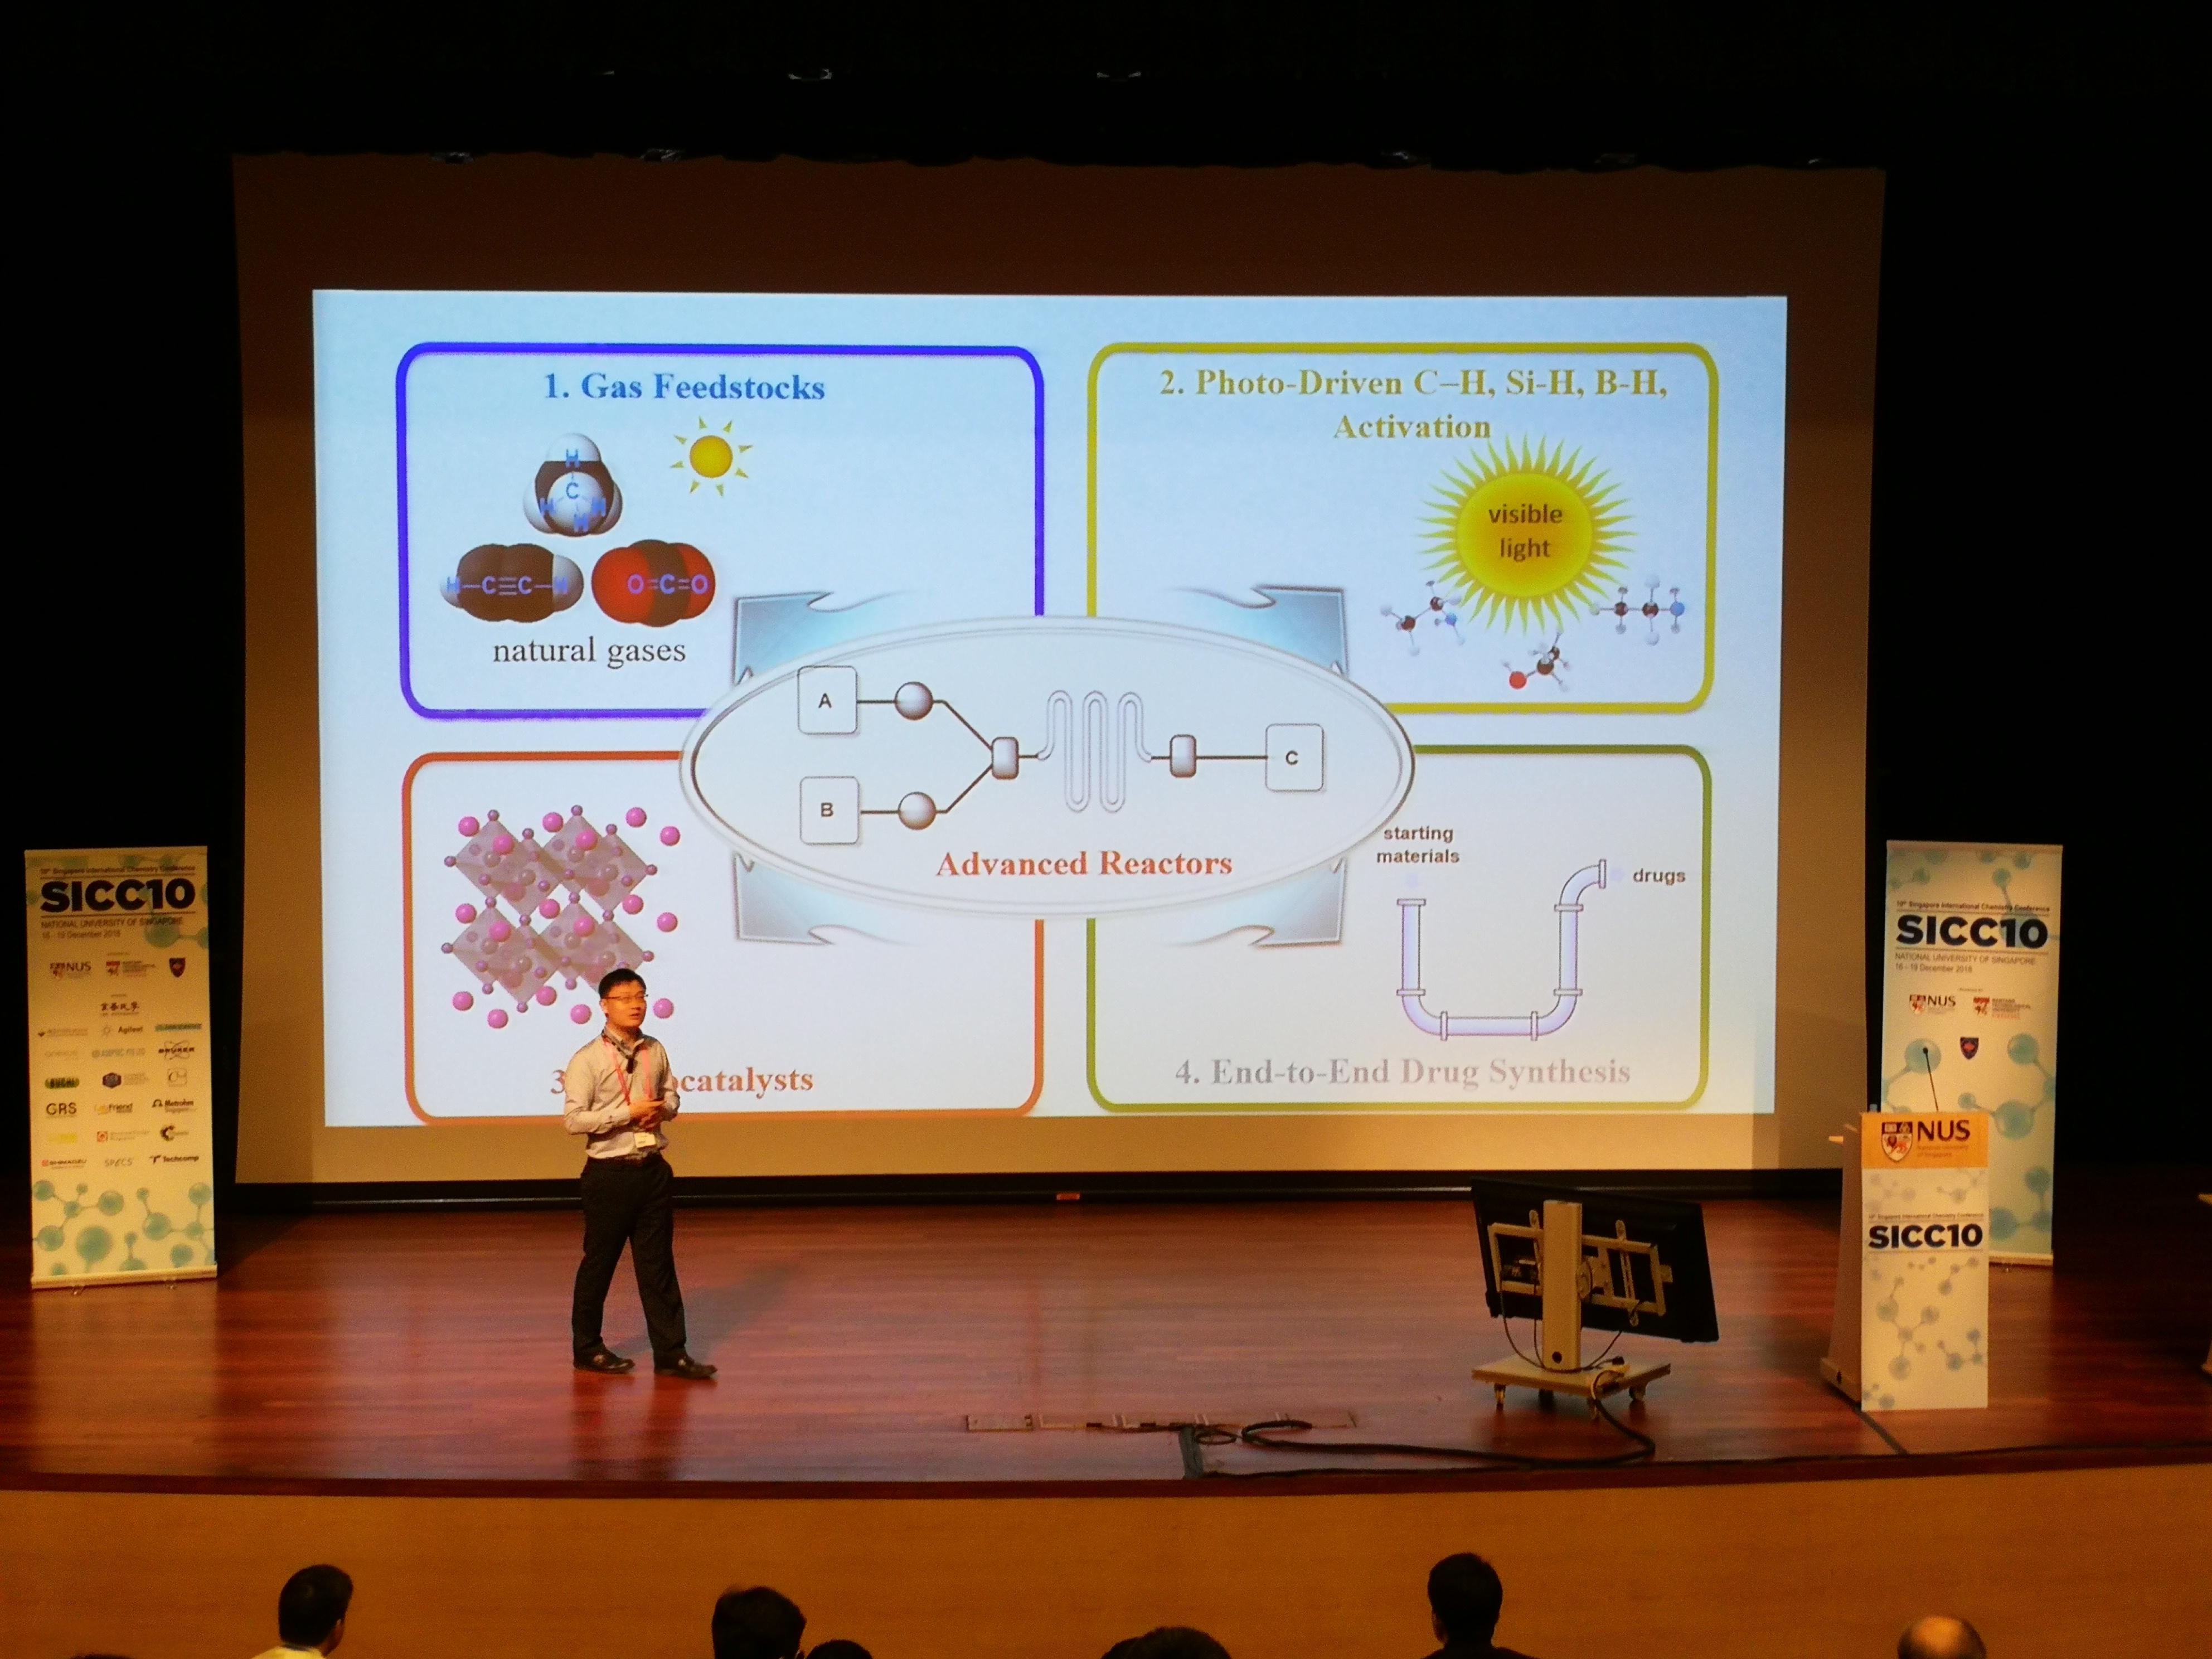 Prof. Wu @ SICC10